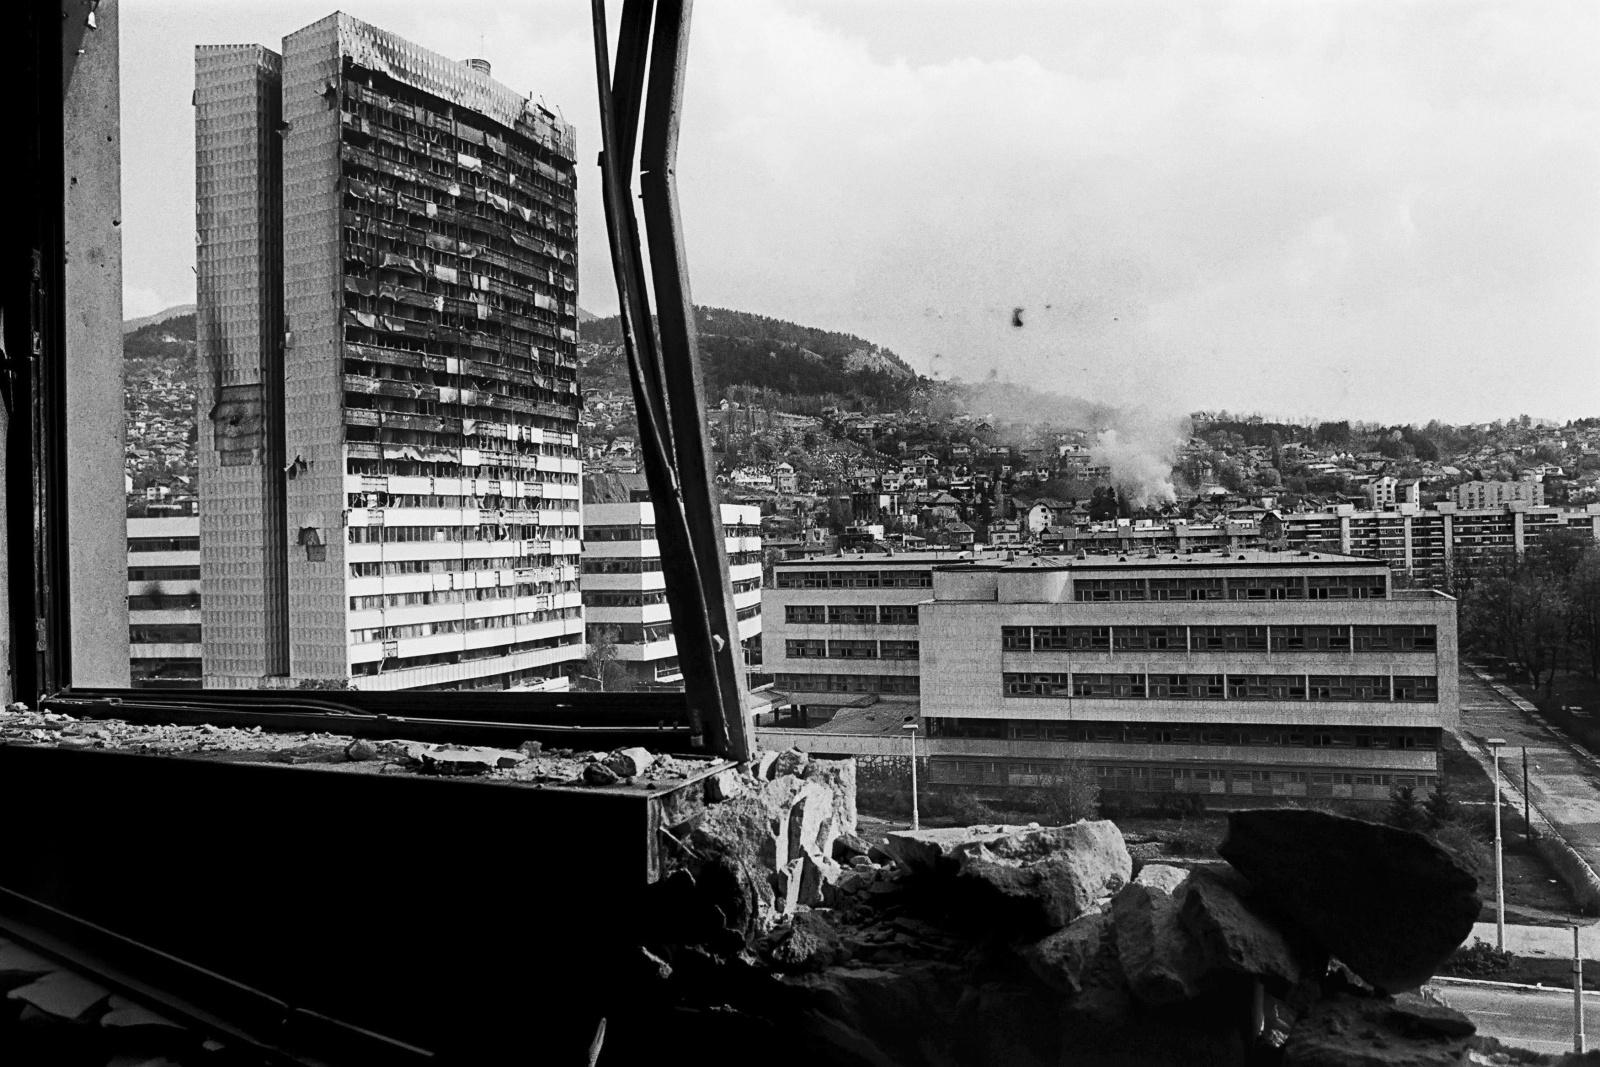 Sarajevo 1993, la sede del Parlamento della Bosnia Erzegovina bruciato dopo ripetuti bombardamenti sulla città assediata